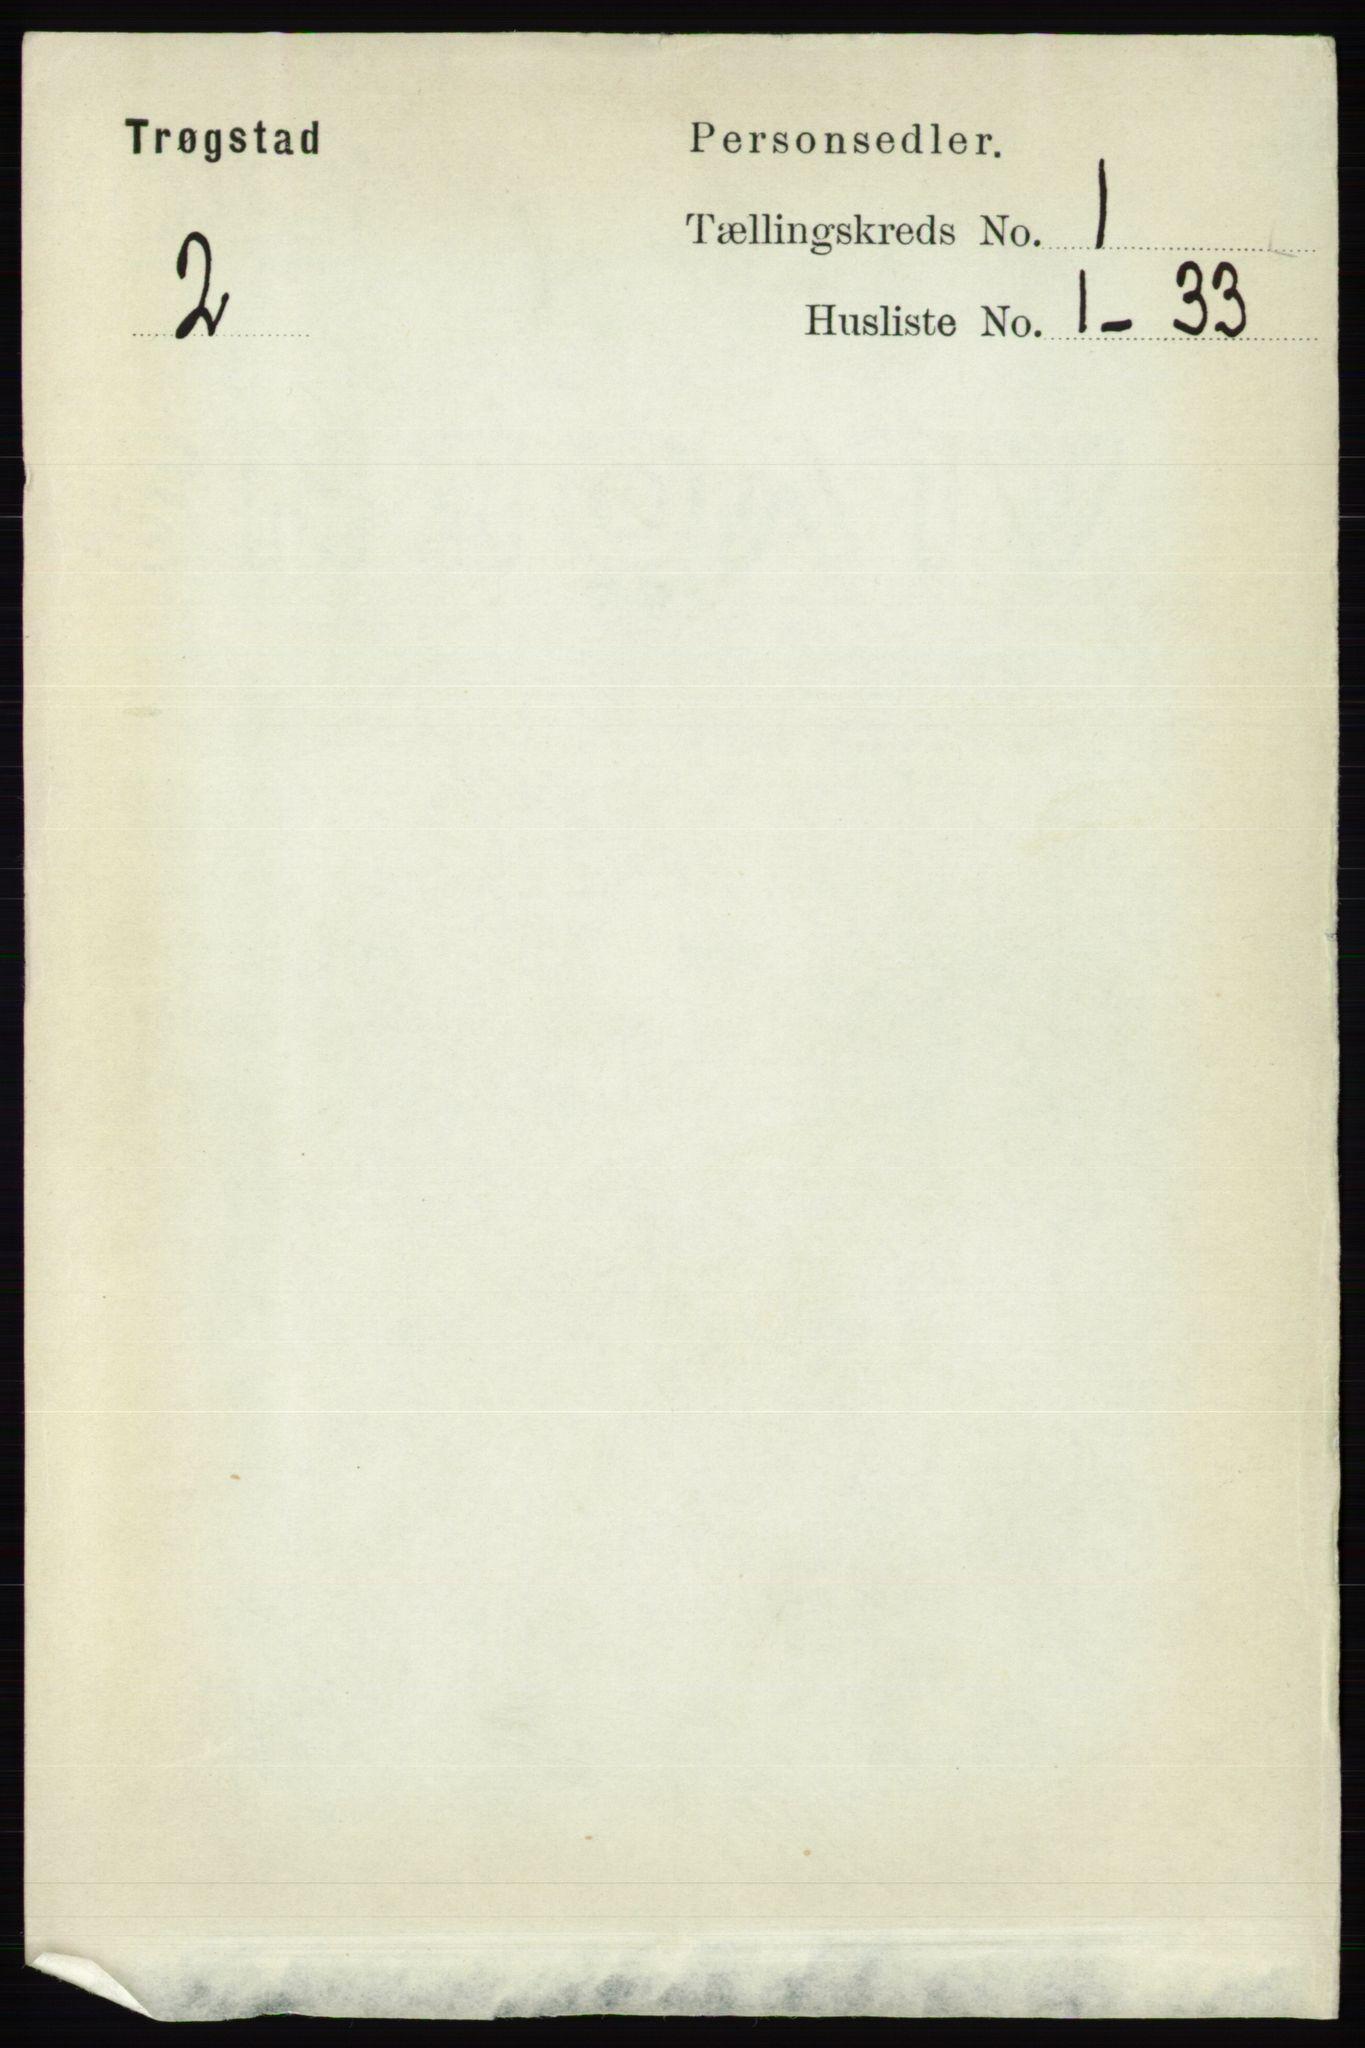 RA, Folketelling 1891 for 0122 Trøgstad herred, 1891, s. 95